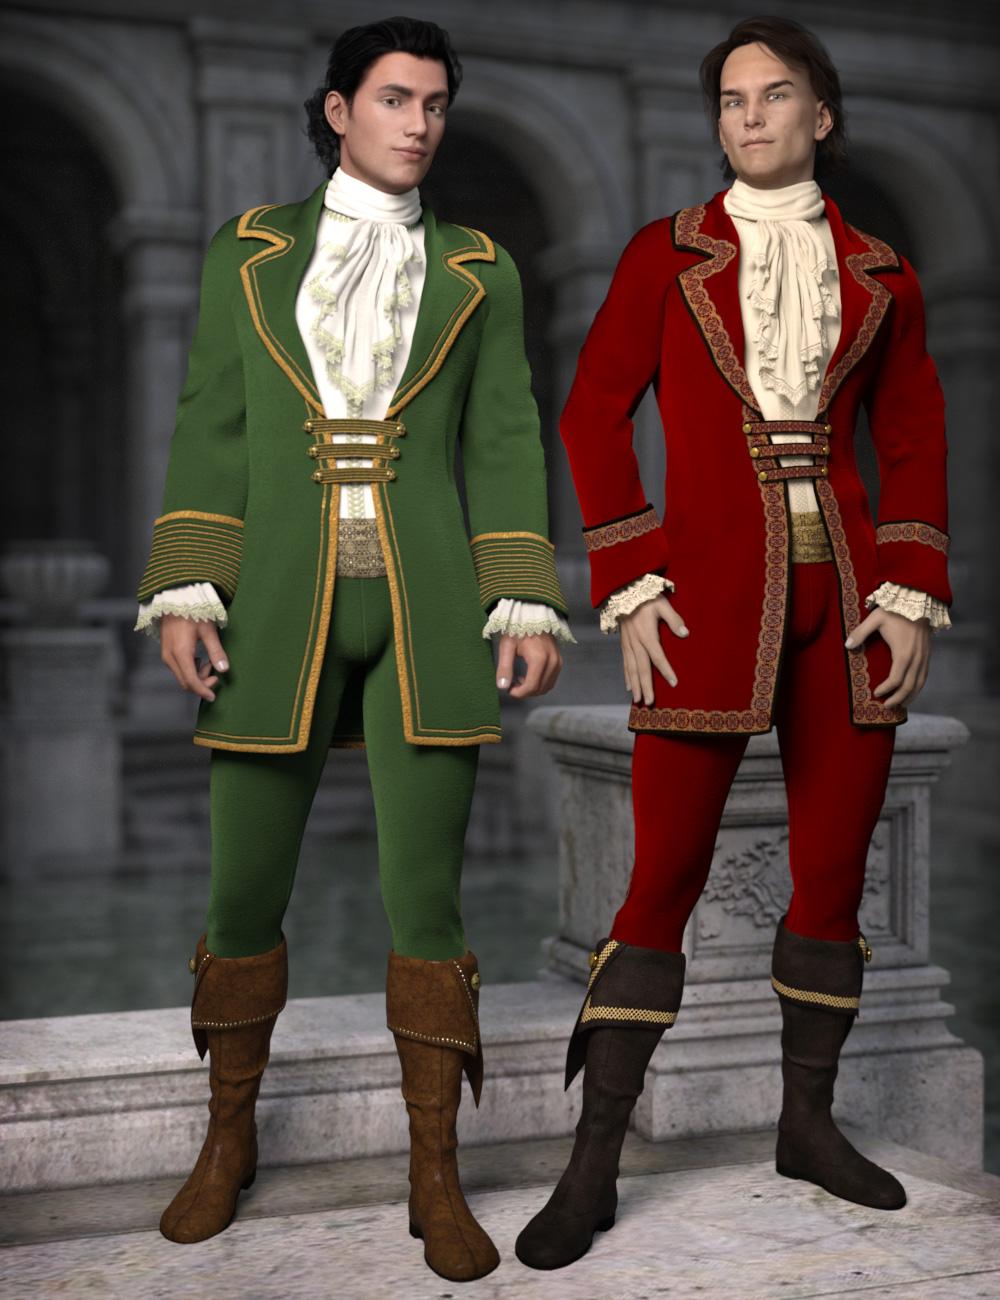 Splendor for Fairytale Prince by: esha, 3D Models by Daz 3D